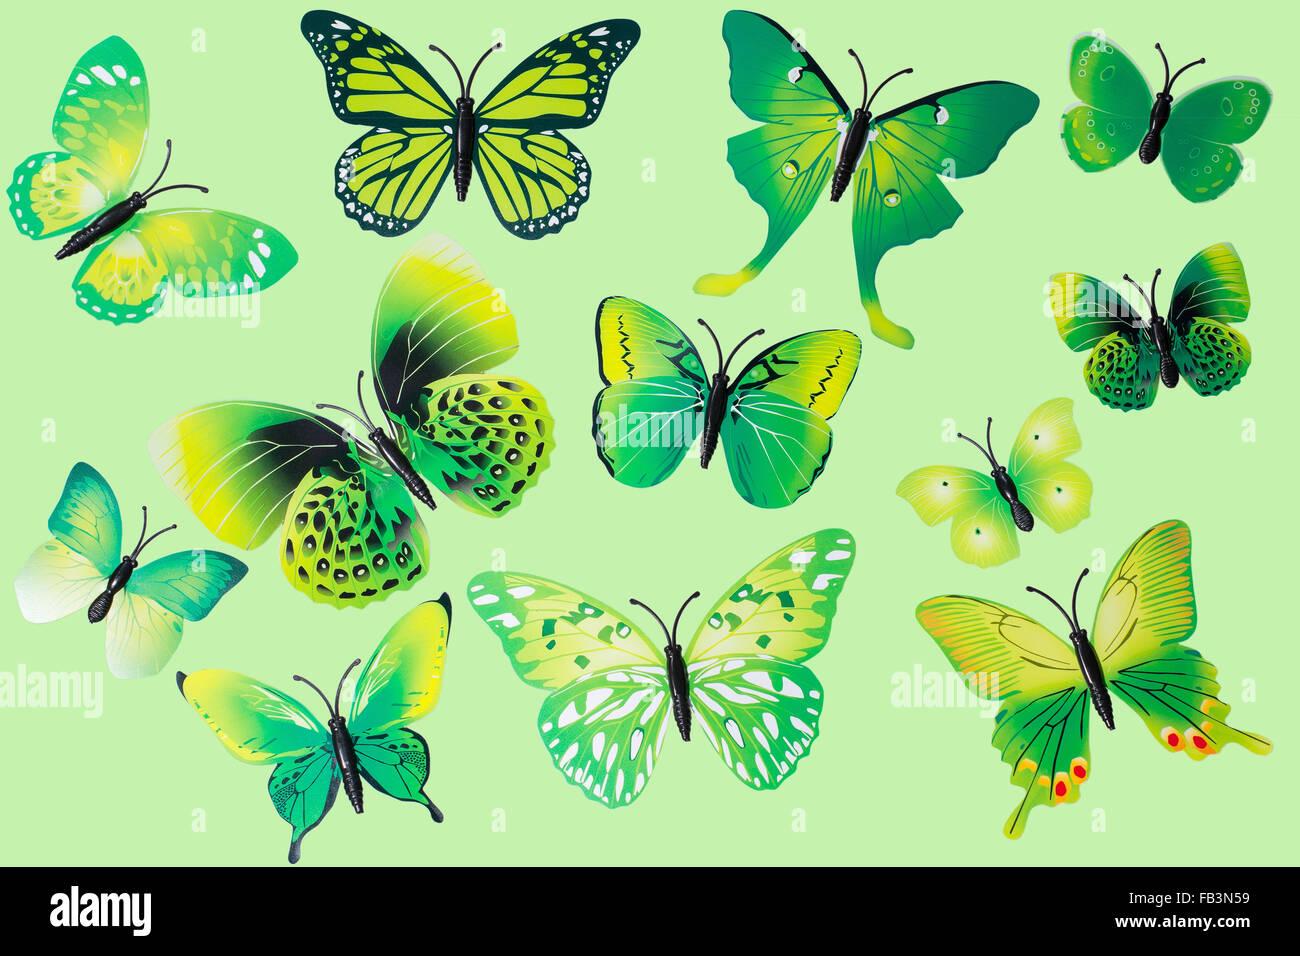 Collection de papillons fantaisie vert Clip Art Photo Stock